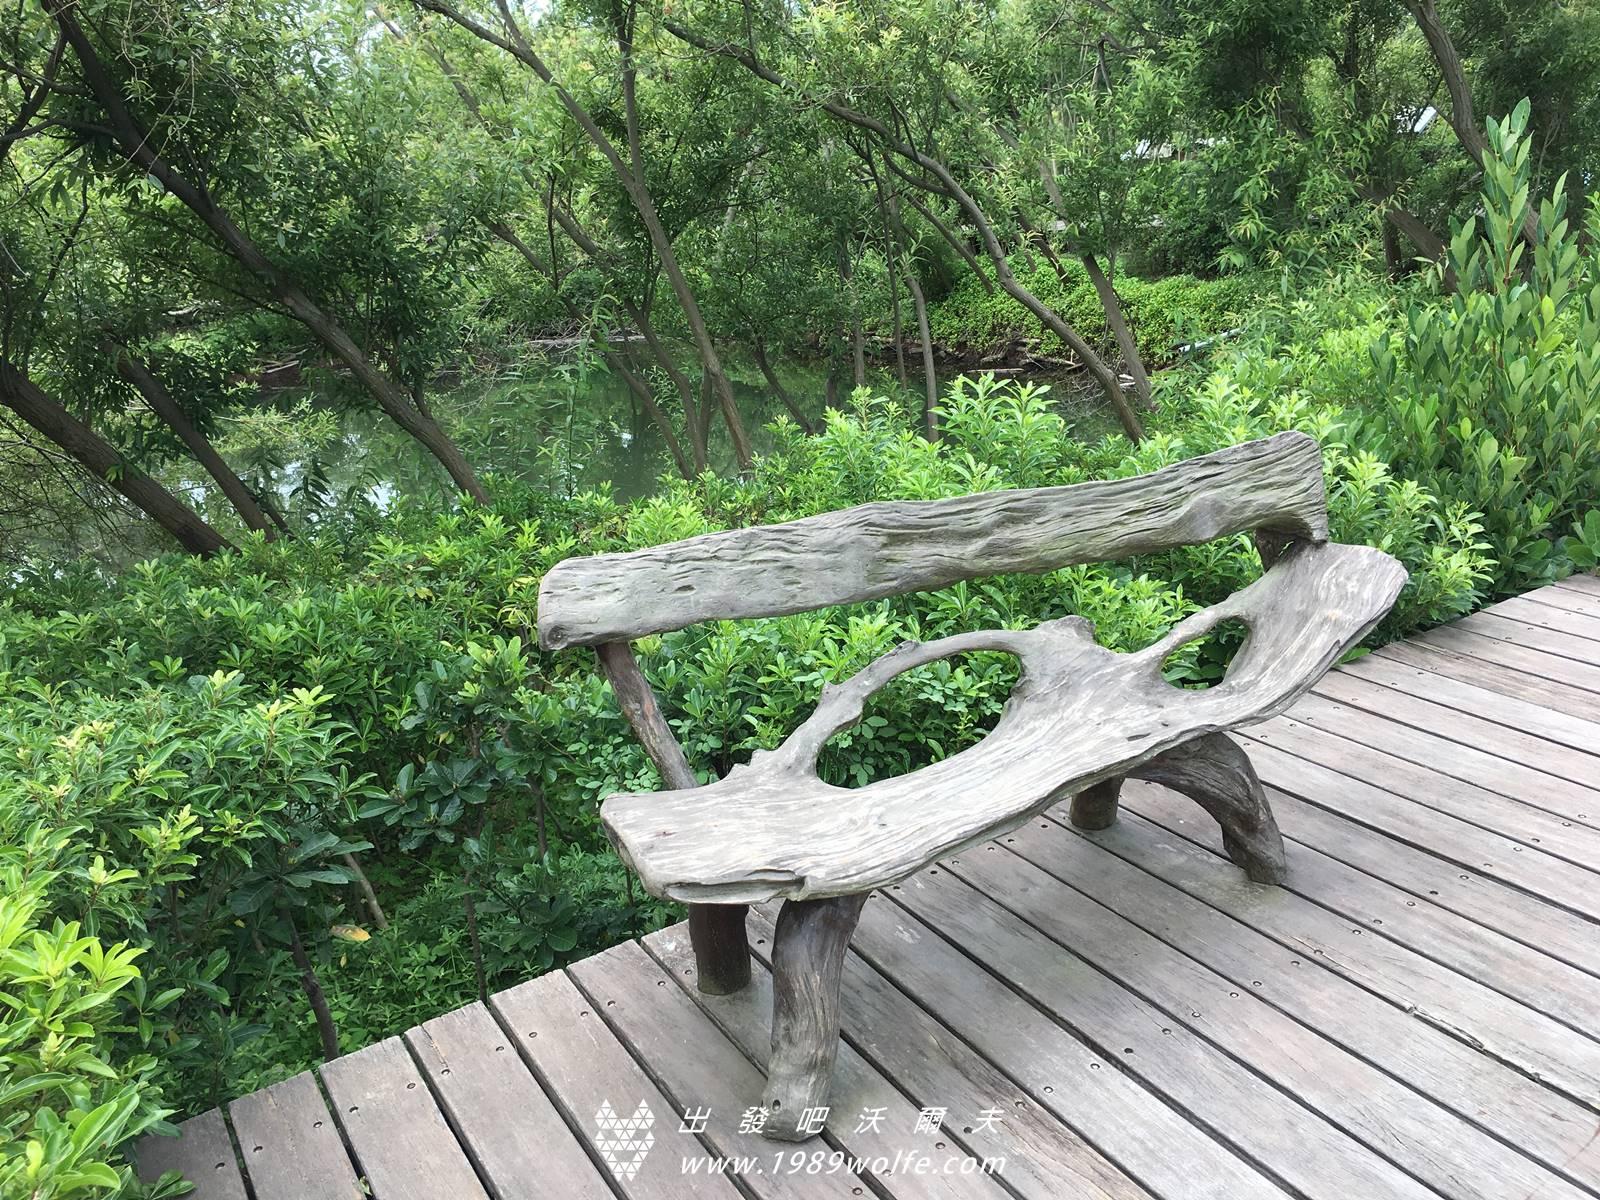 金門植物園 太武山下的桃花源 軍營的重生 - 出發吧! 沃爾夫.